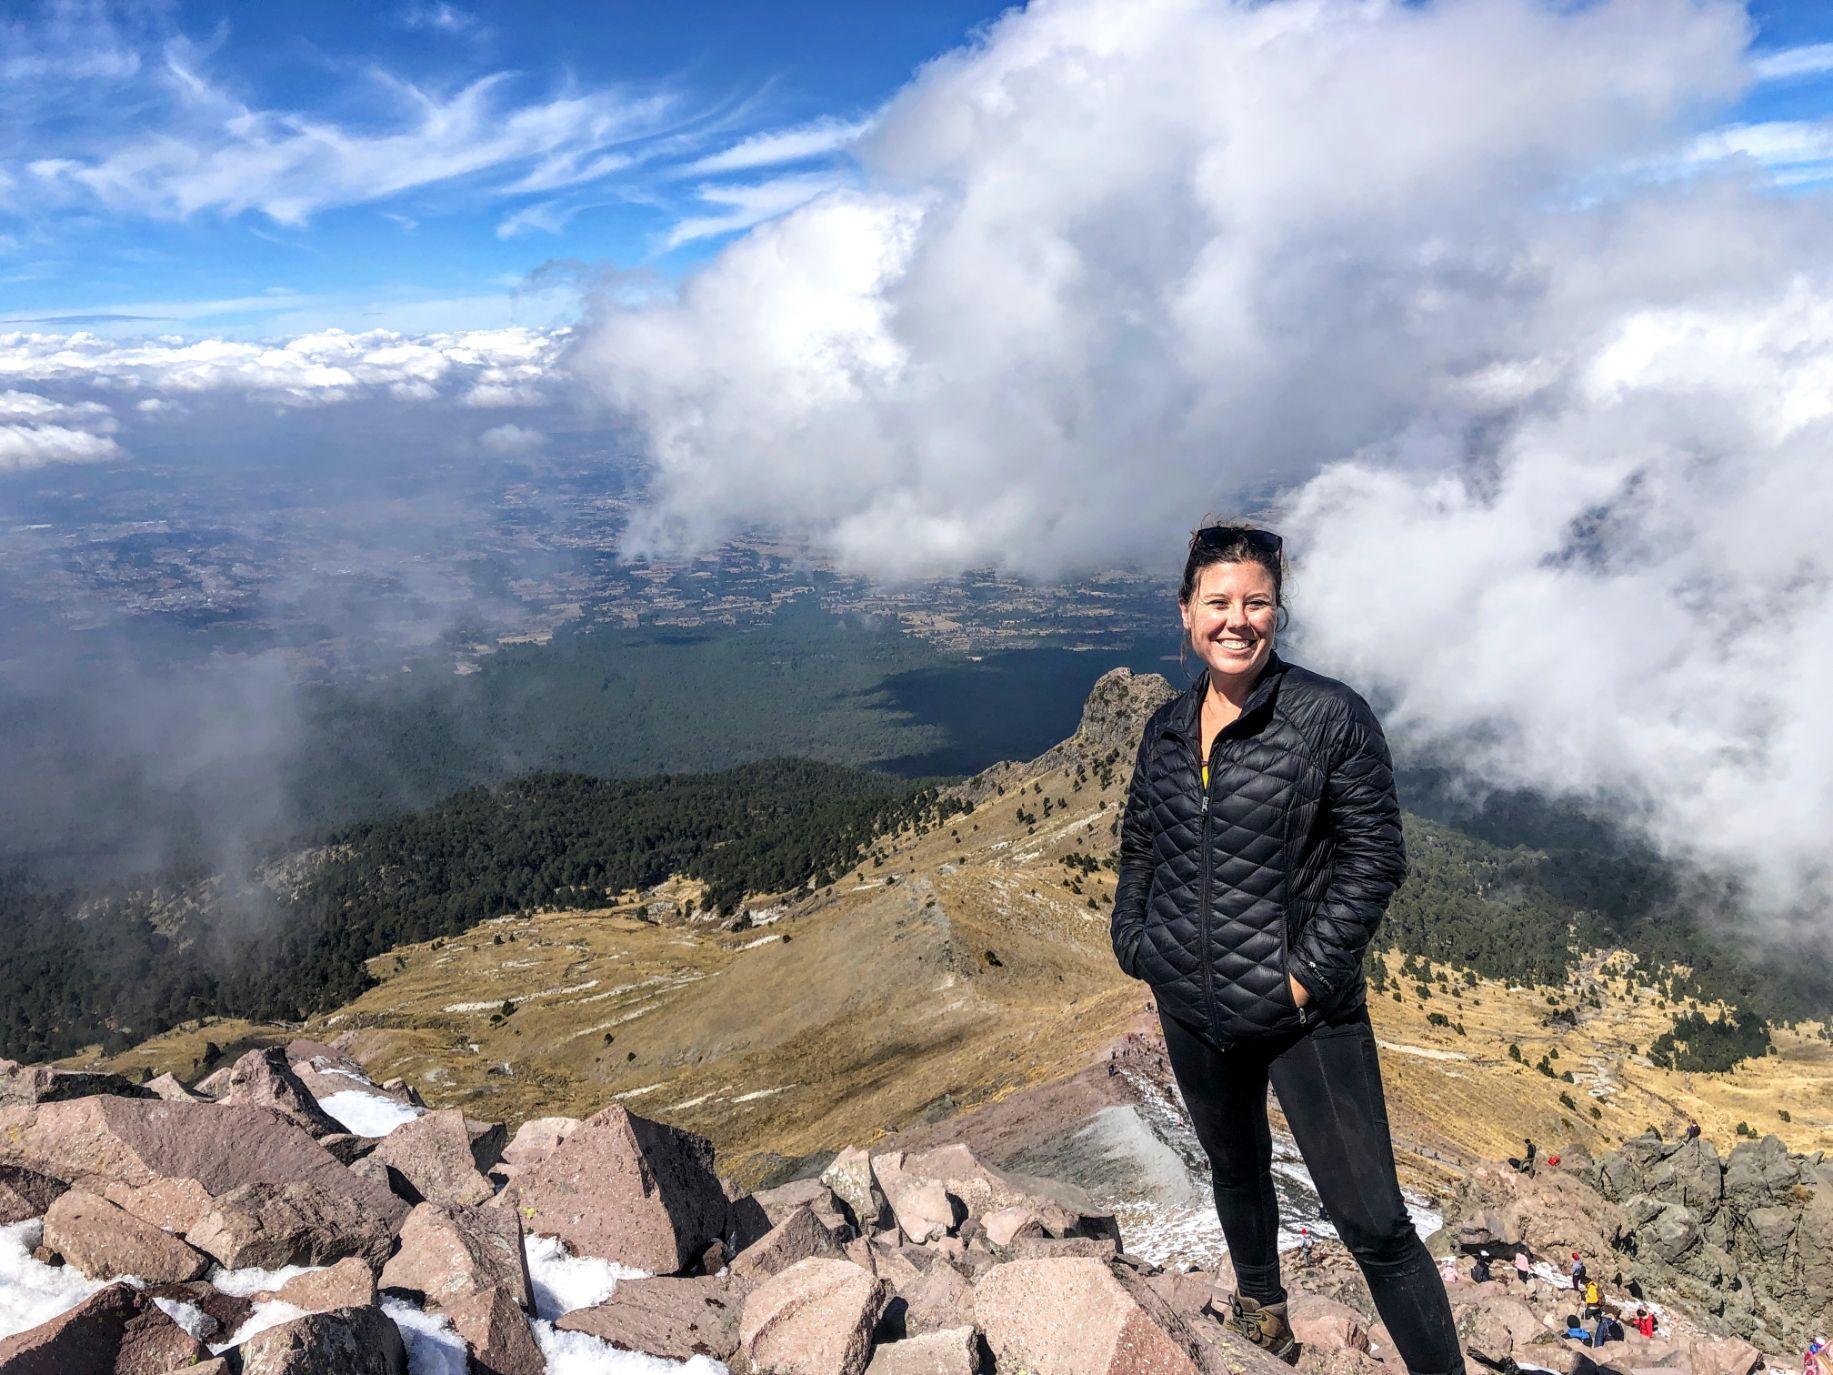 Di smiling at the peak of Malinche Volcano